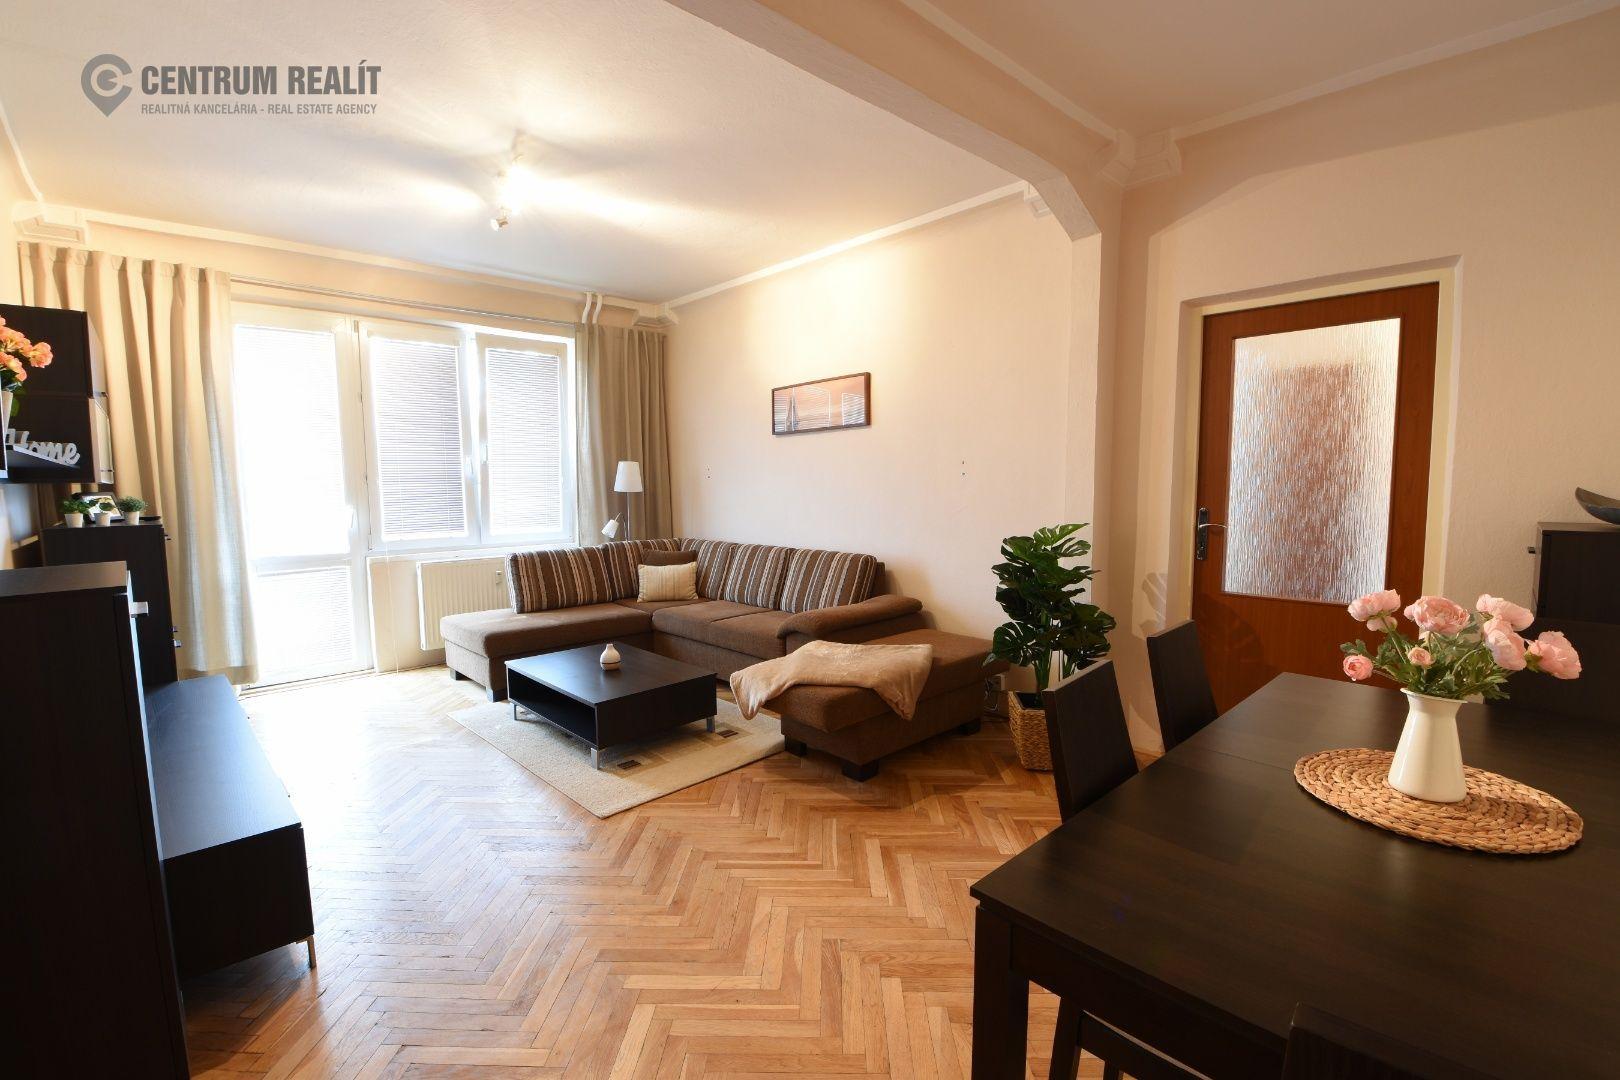 Iný-Predaj-Bratislava - mestská časť Ružinov-175000.00 €